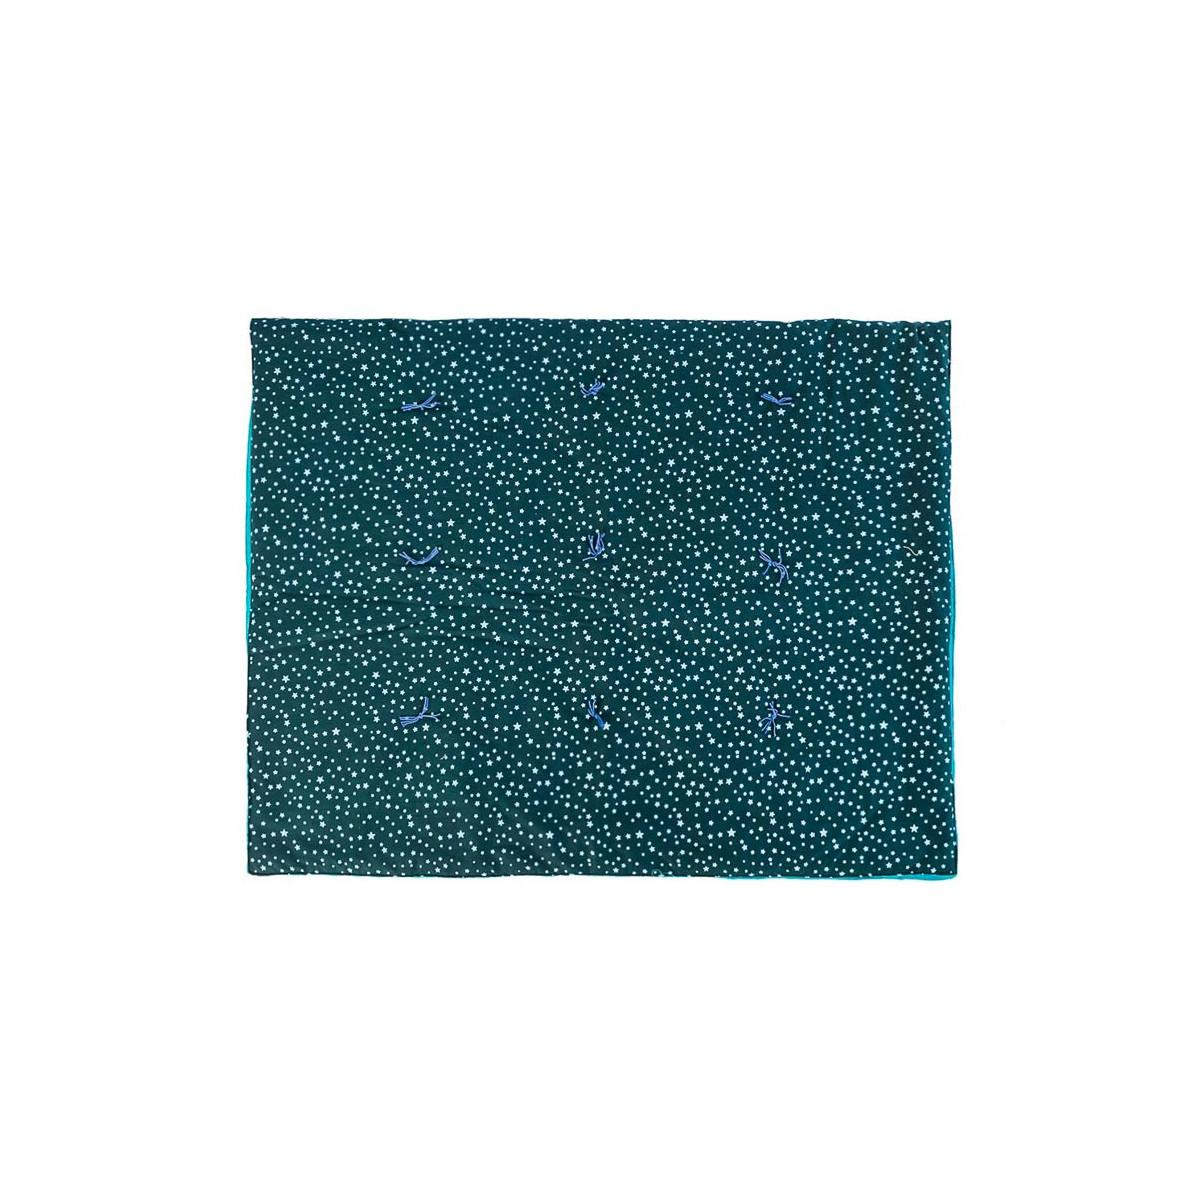 Plaid couverture coton gauffré bleu nuit étoile